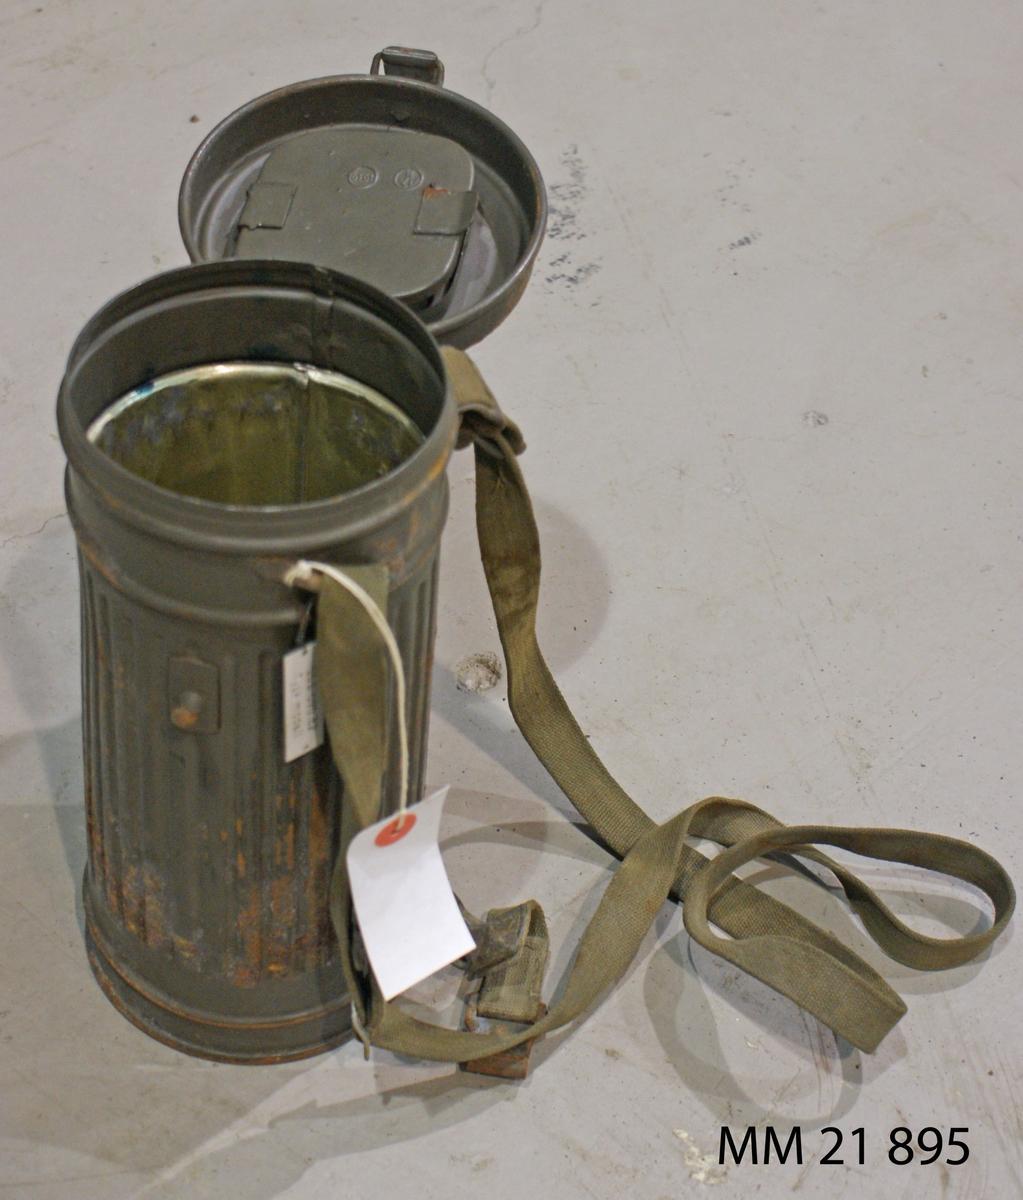 """Behållare till gasmask tysk modell. Tom plåtbehållare. Enligt uppgift: Upphittad på Västkusten under andra världskriget. Bestående av ansiktsskydd och filterbehållare. Masken förvaras i en plåtask. Ansiktsskyddet är märkt med """"Bibkler FPU 12377"""". SSS 82"""